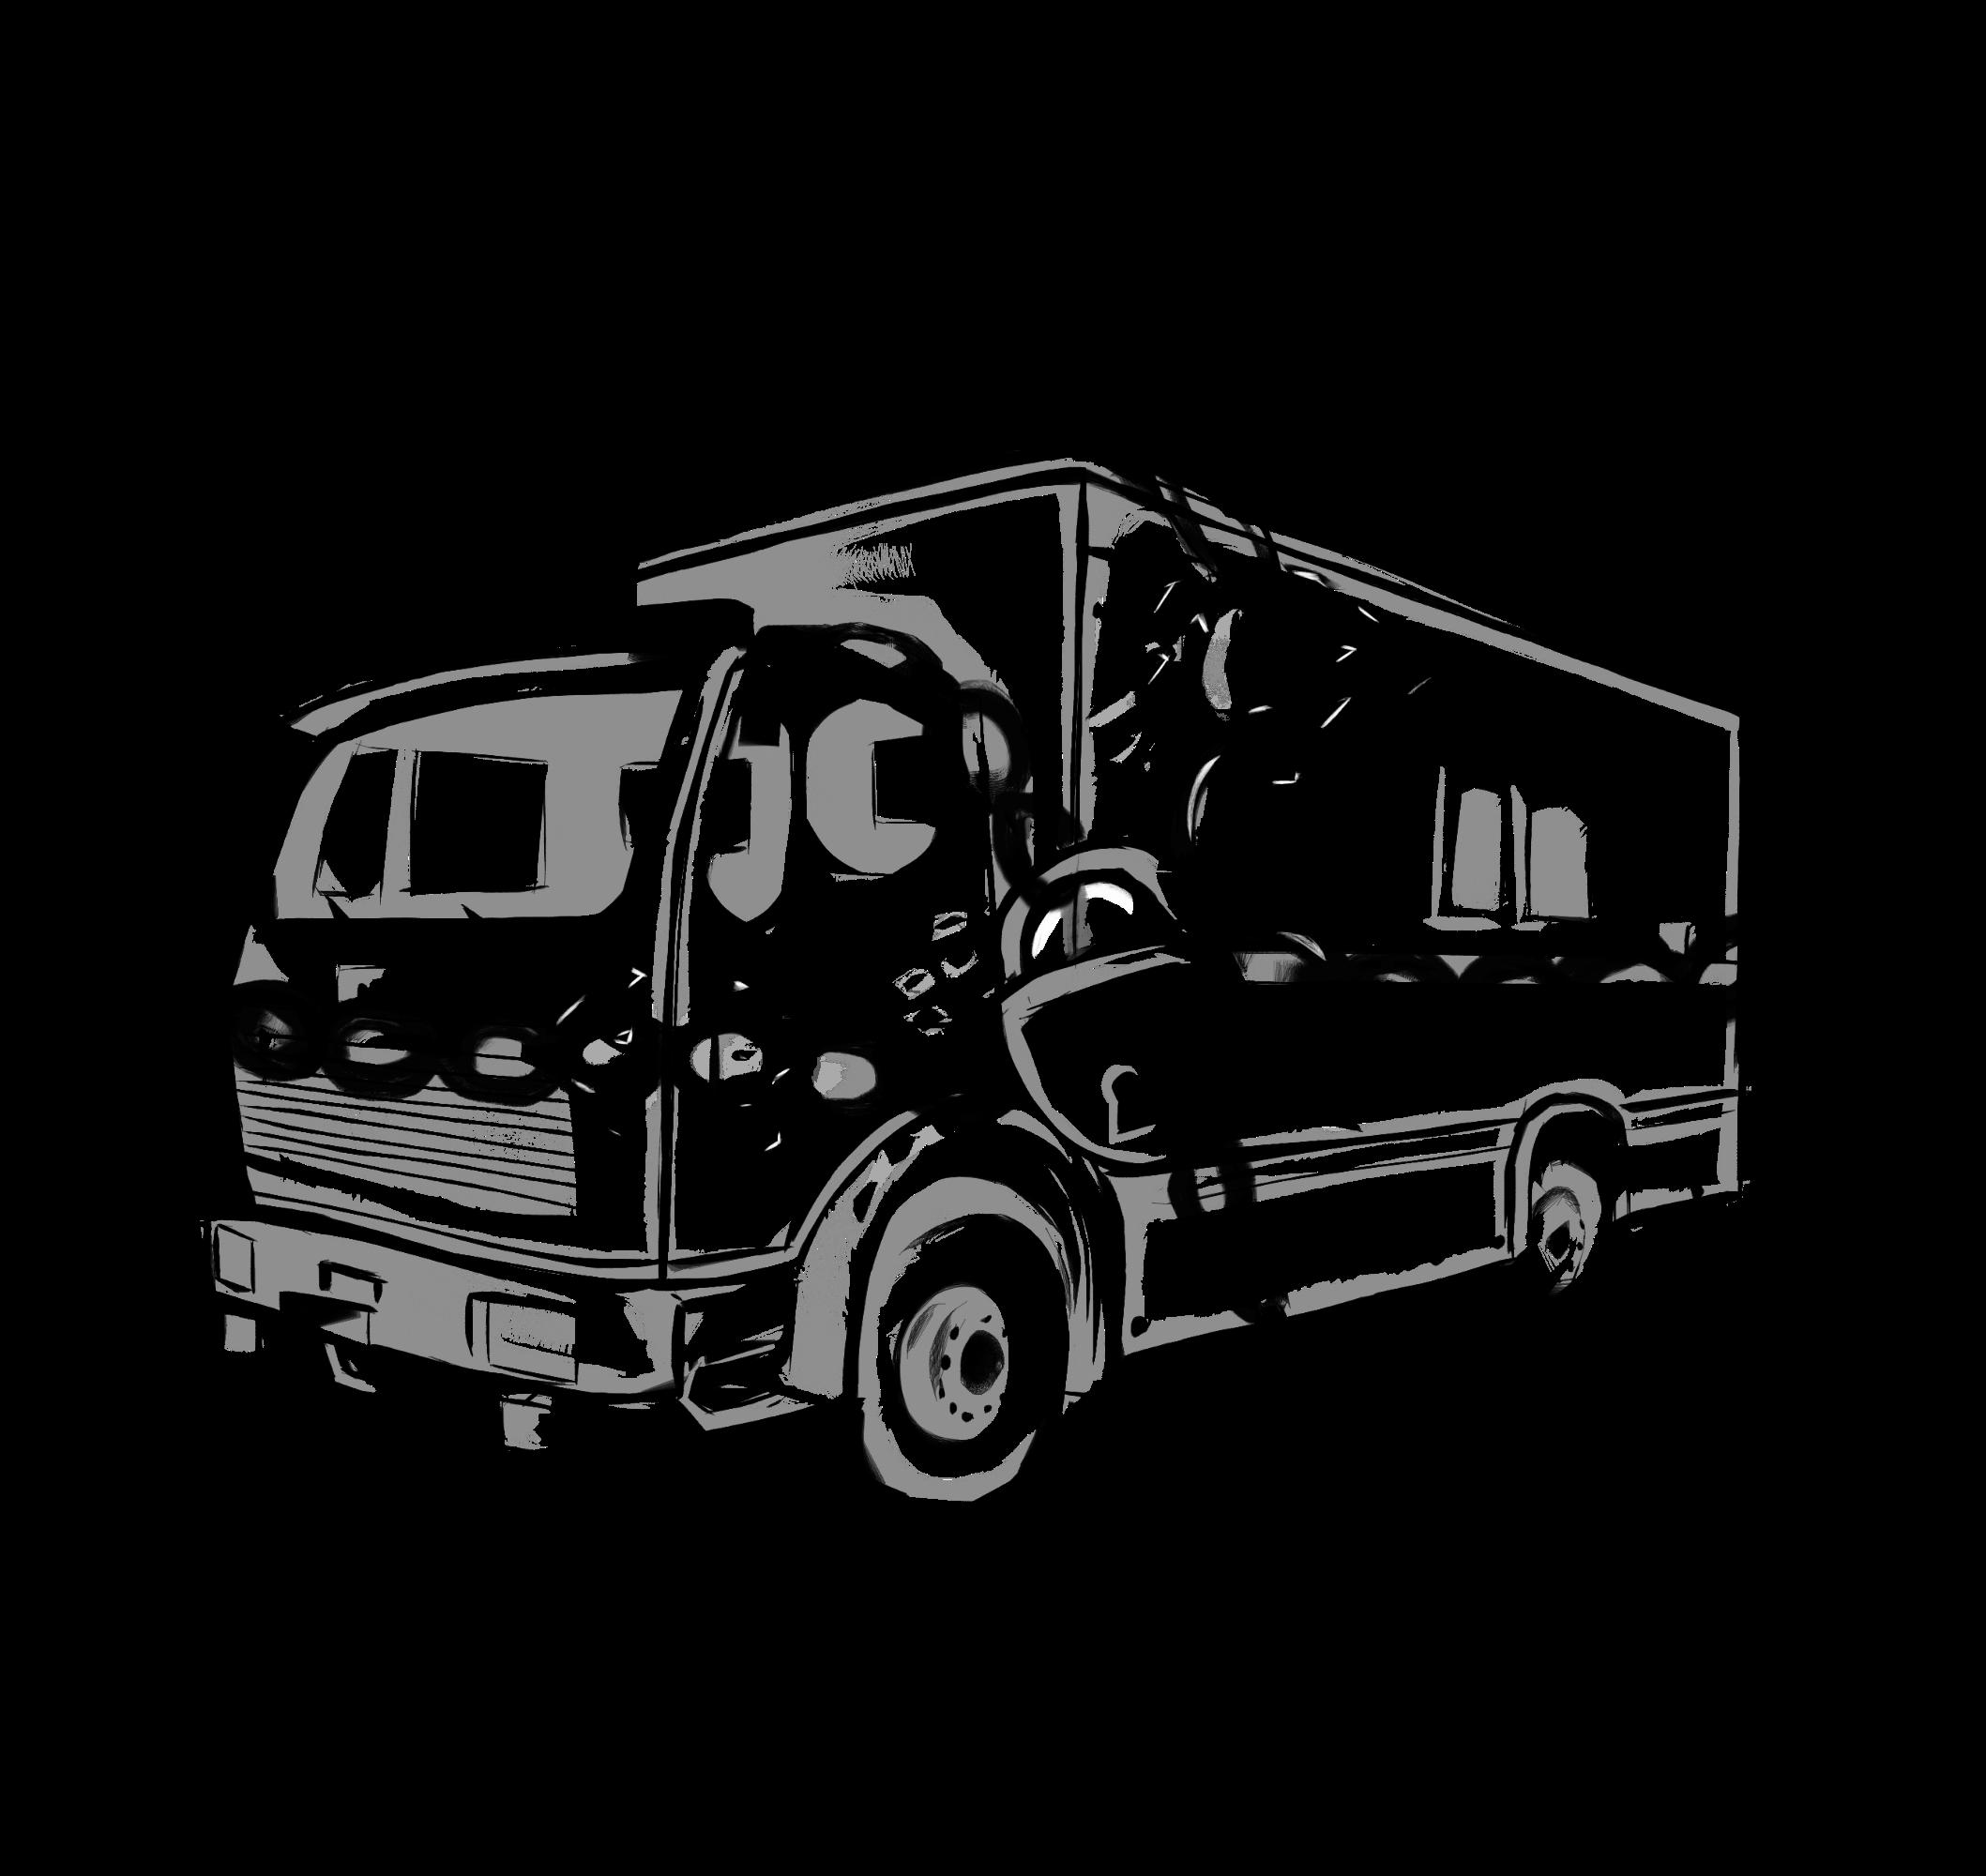 MobileExit - der mobile Escaperoom im LKW - Mobil für euch buchbar